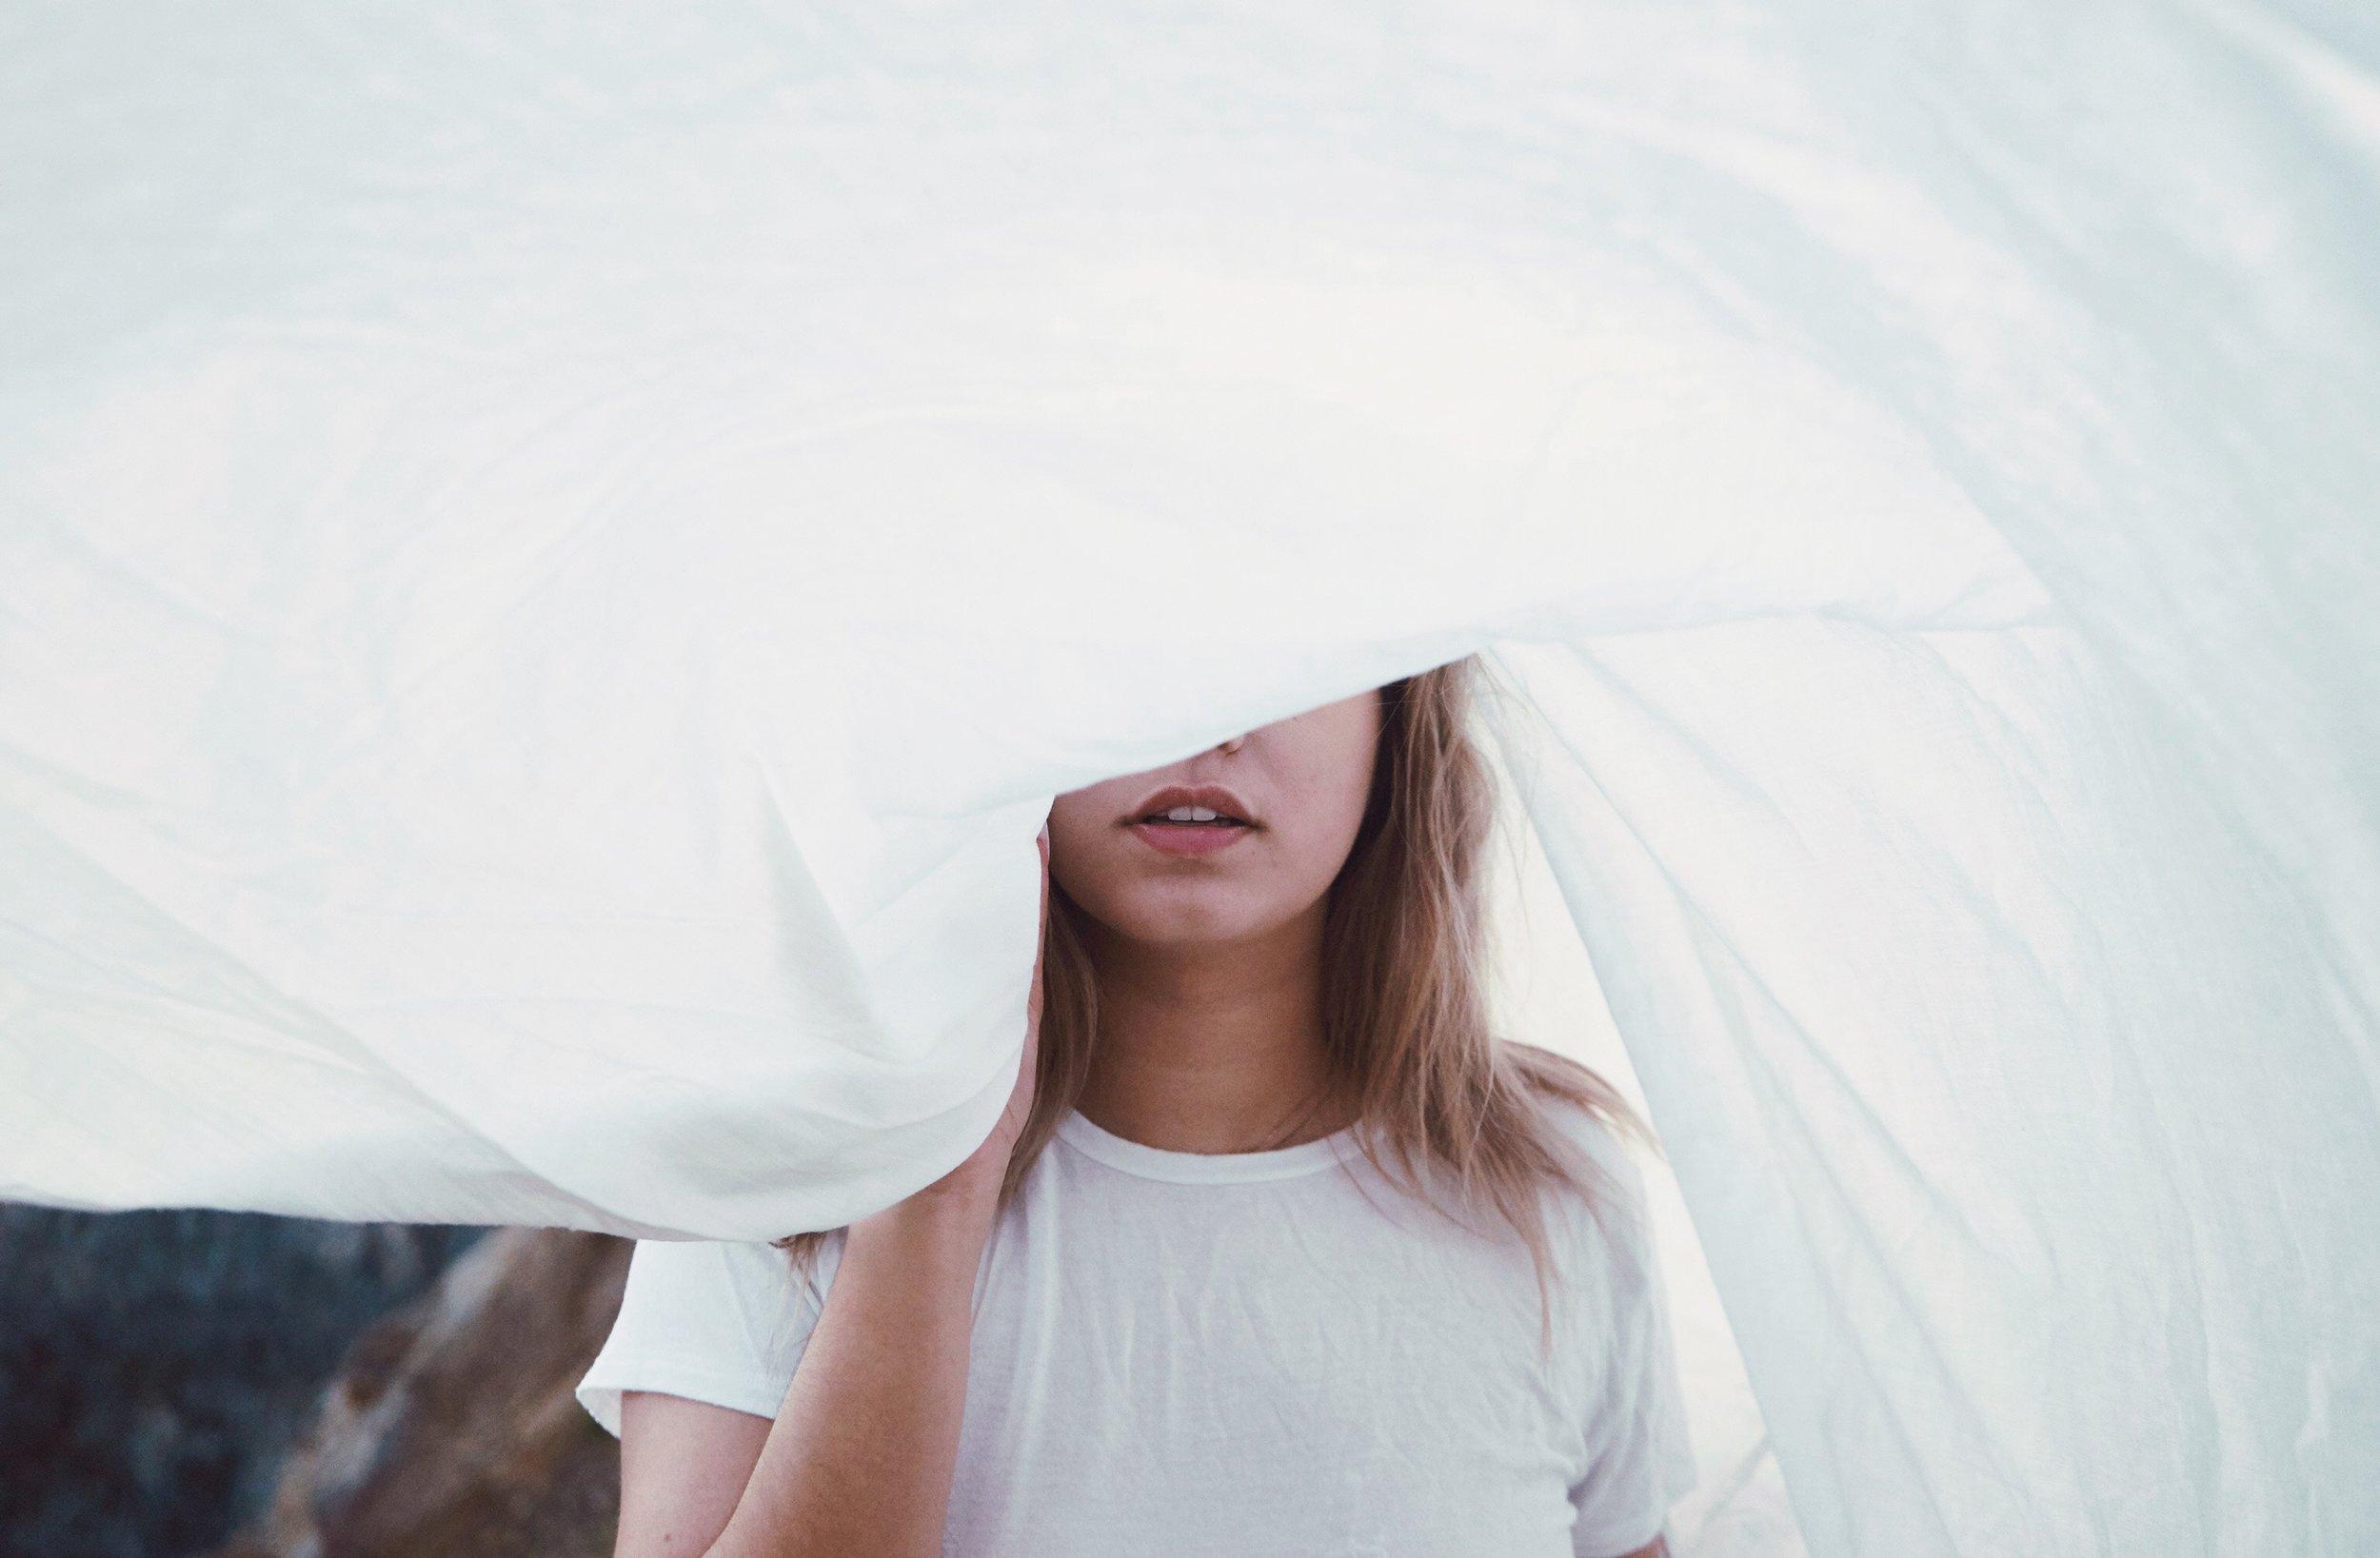 Image by Yoann Boyer